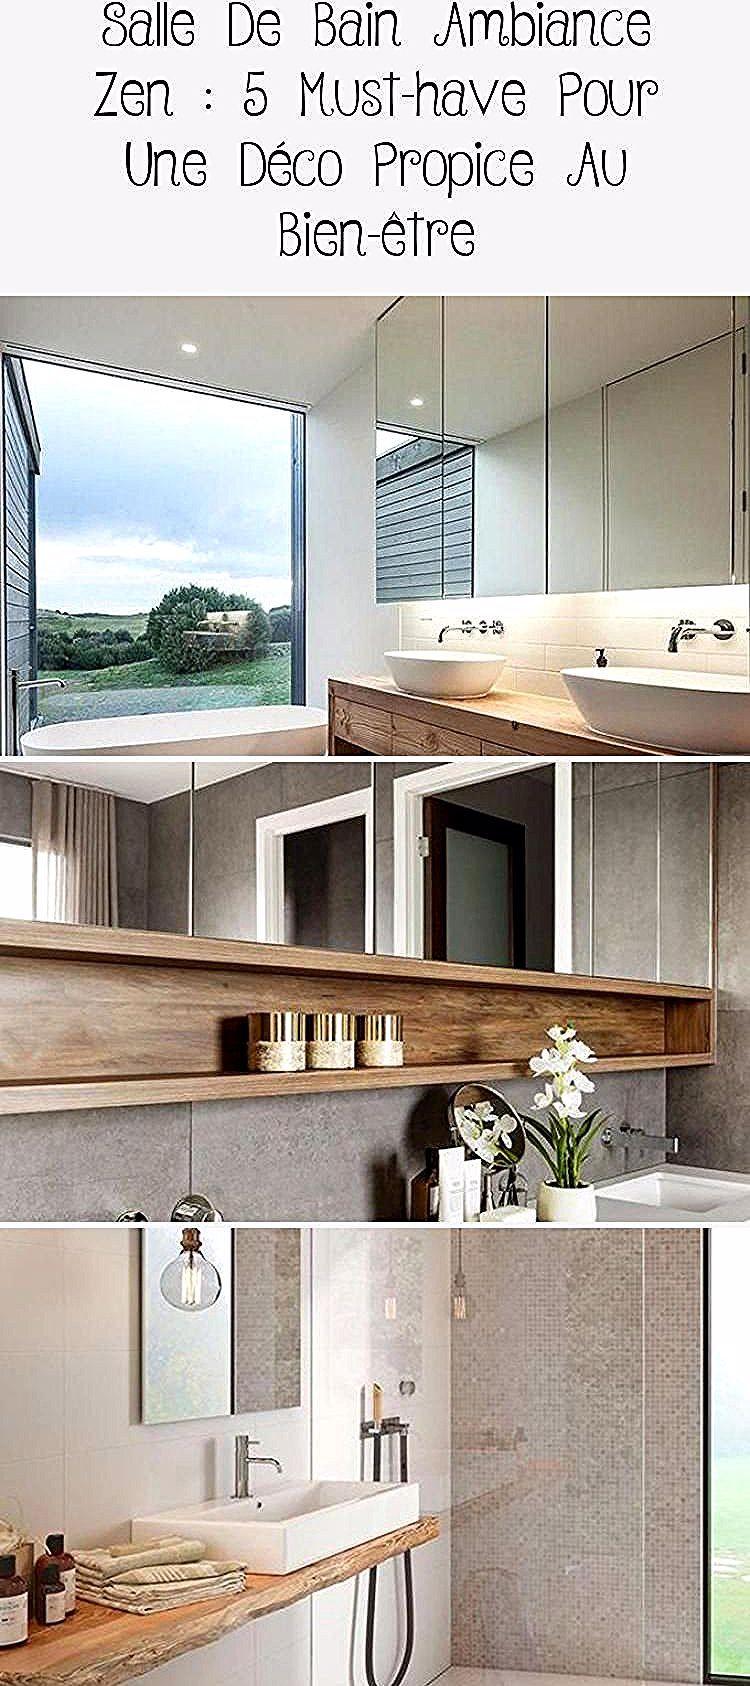 Salle De Bain Ambiance Zen 5 Indispensables Clem Around The Corner Meuble De Salle De Bain Double Lavabo Vasques Blanches Pe In 2020 Home Decor Cozy Bathroom Decor